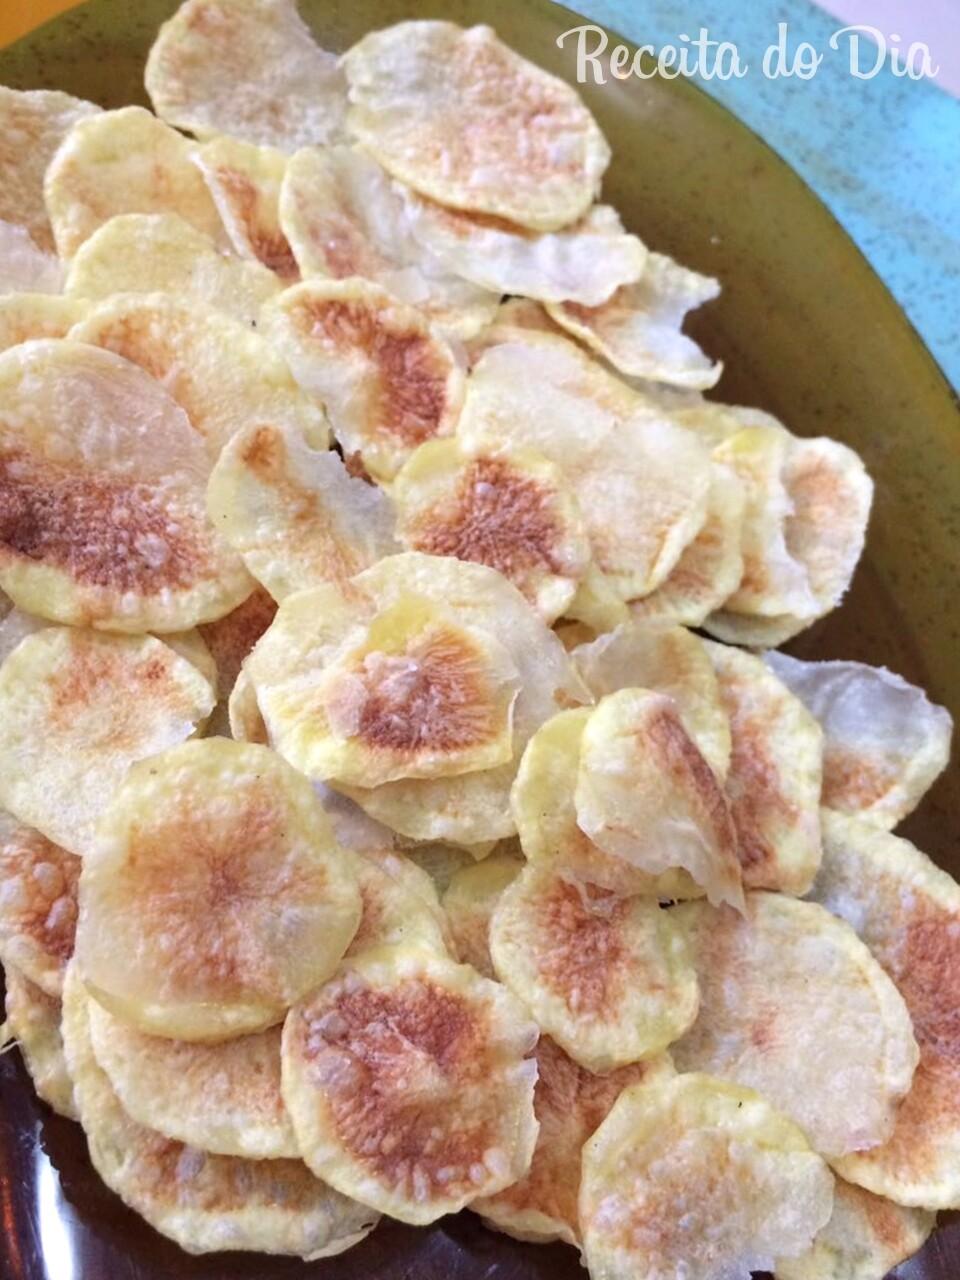 Batata frita de microondas